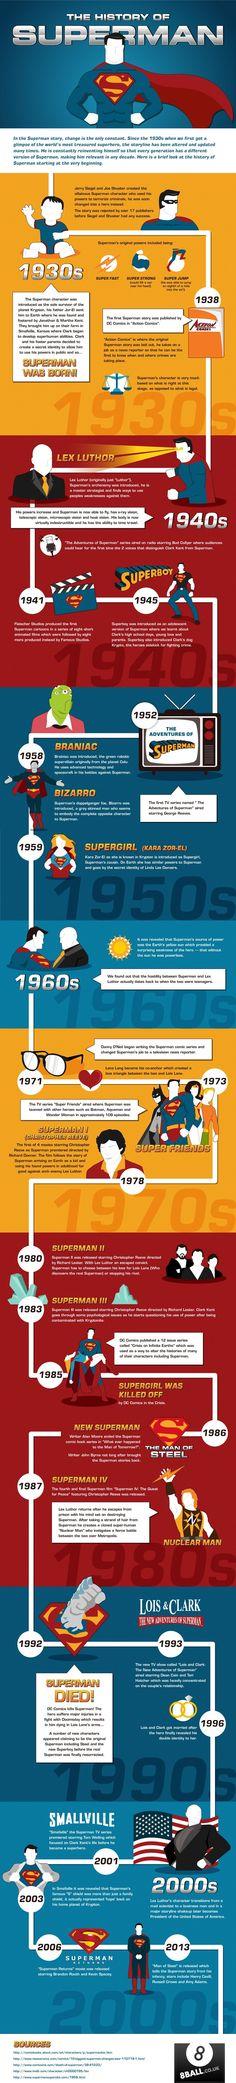 Infographic: De geschiedenis van Superman, de man van staal - Numrush